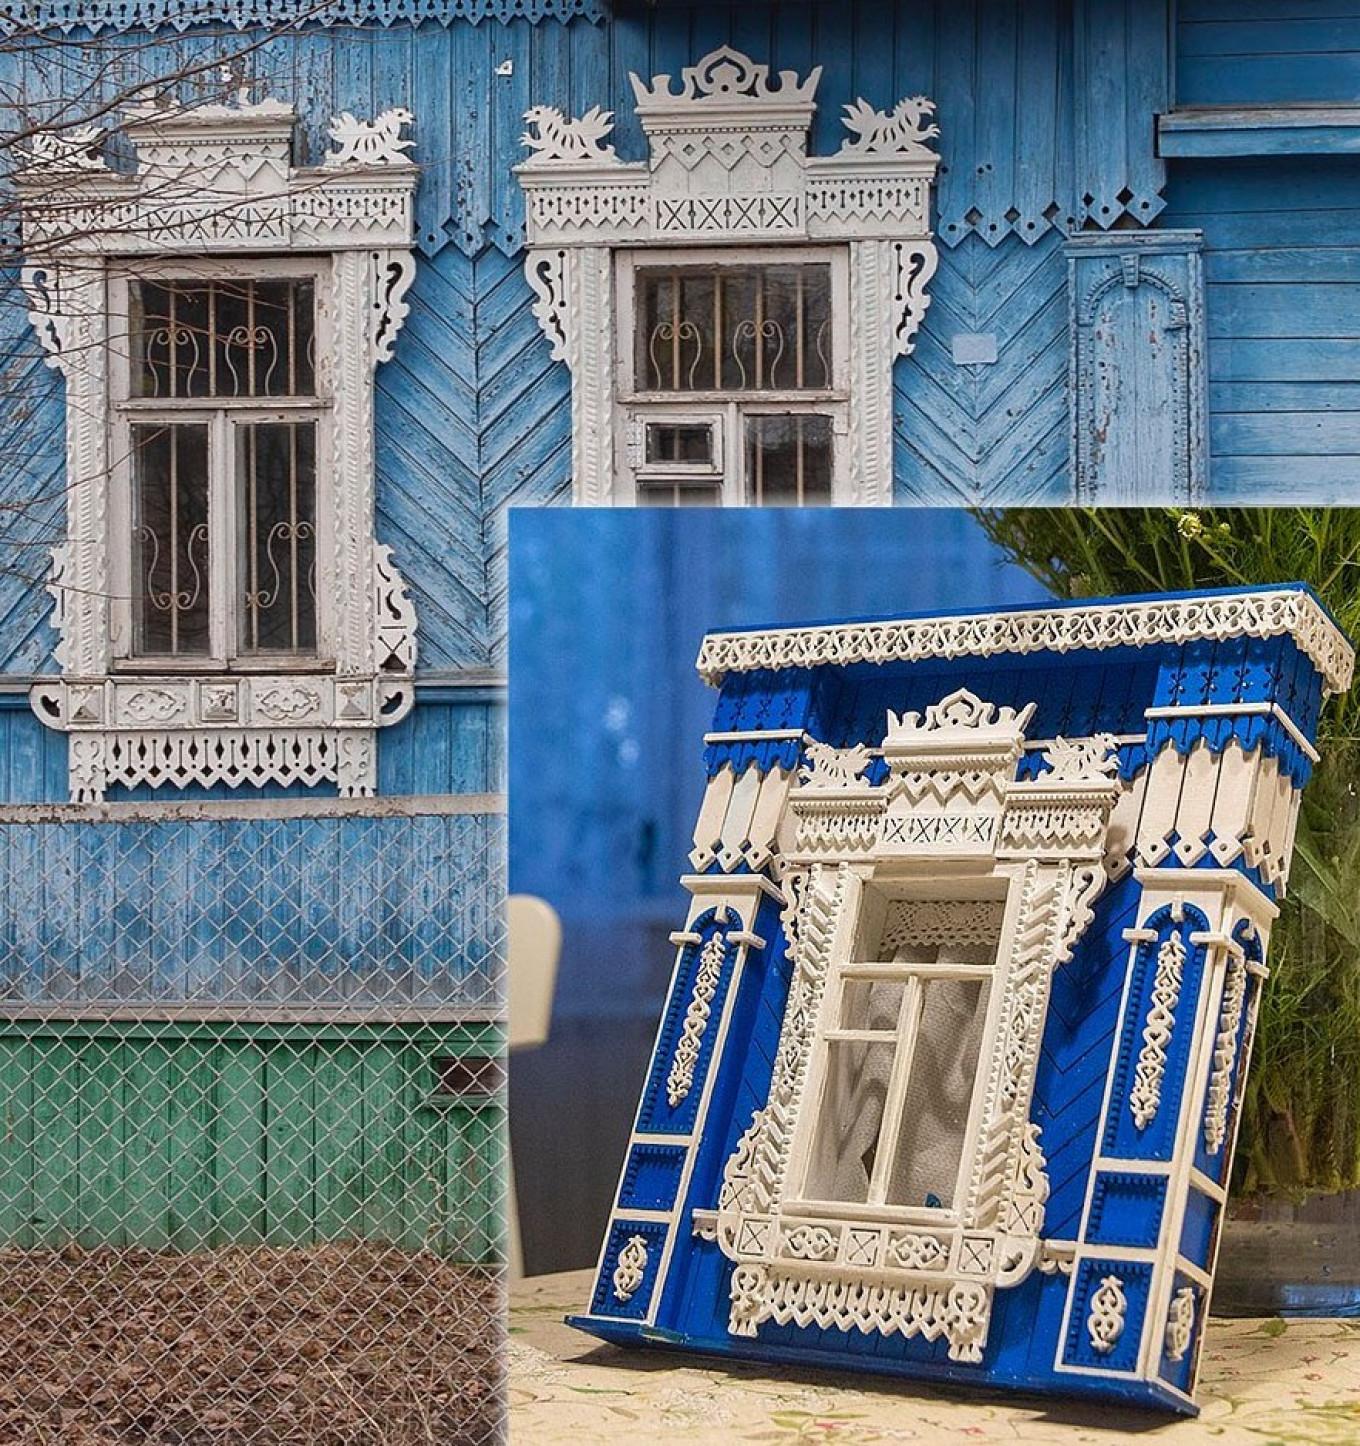 House in Konakovo (nalichniki now gone) and model Courtesy of Ivan Khafizov